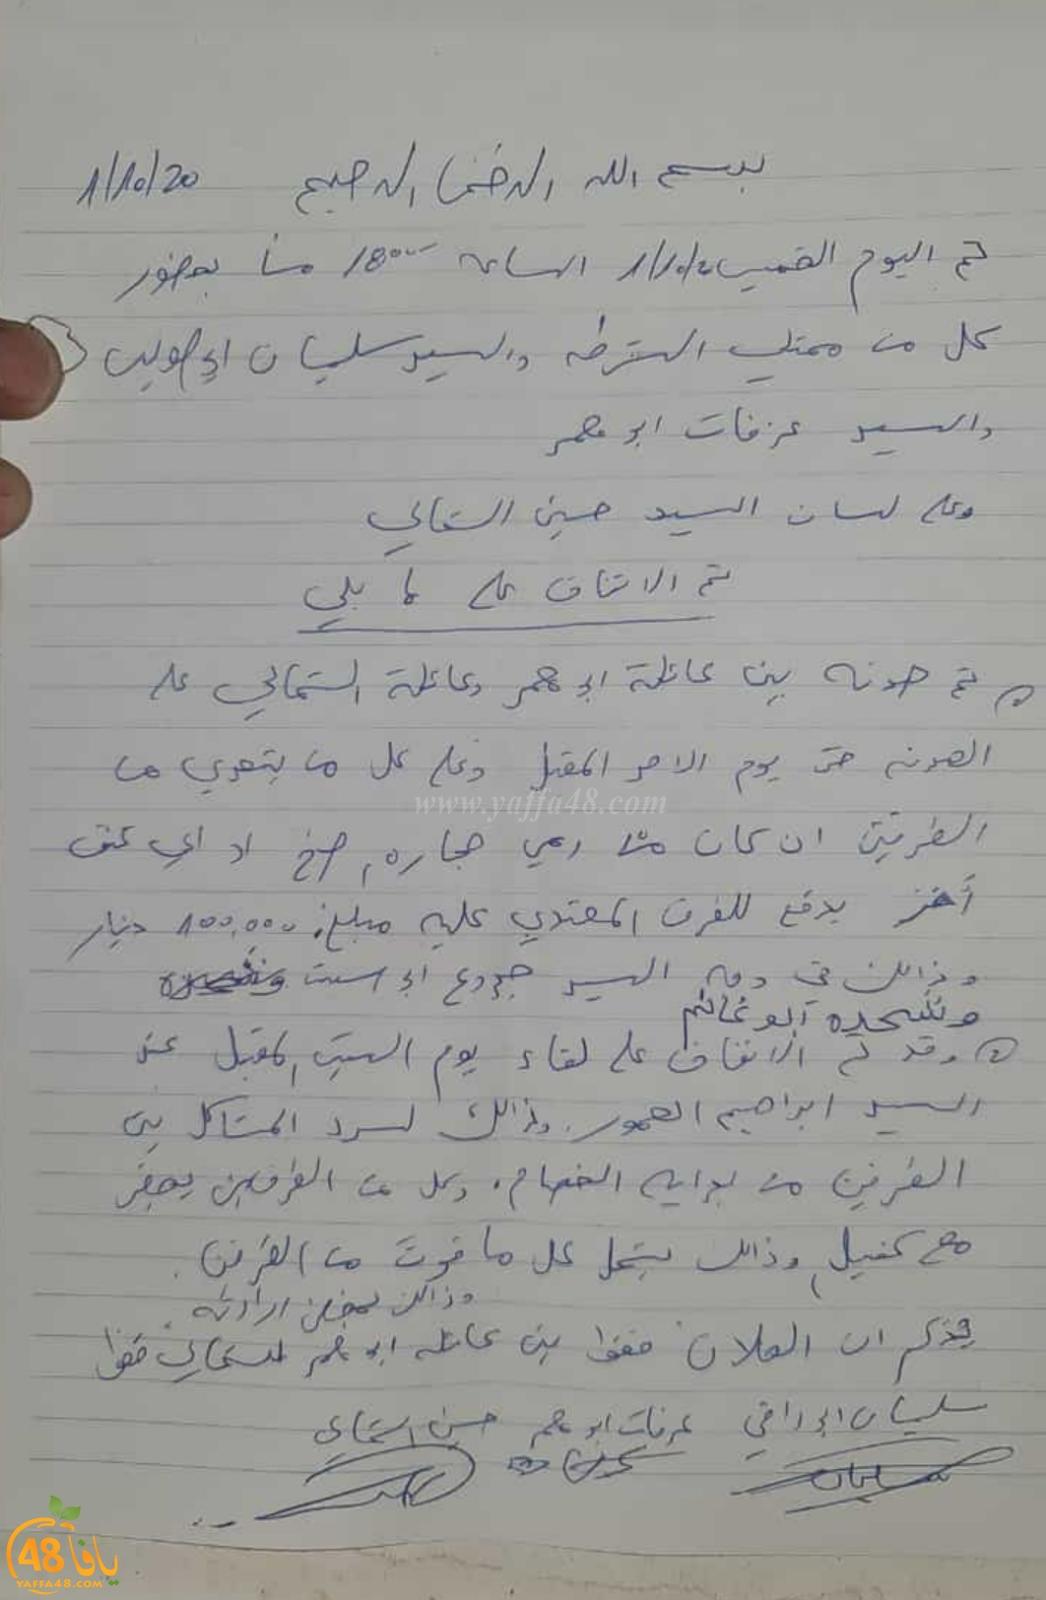 فيديو: الاعلان عن هدنة بين عائلتي الشمالي وأبو معمر في مدينة الرملة